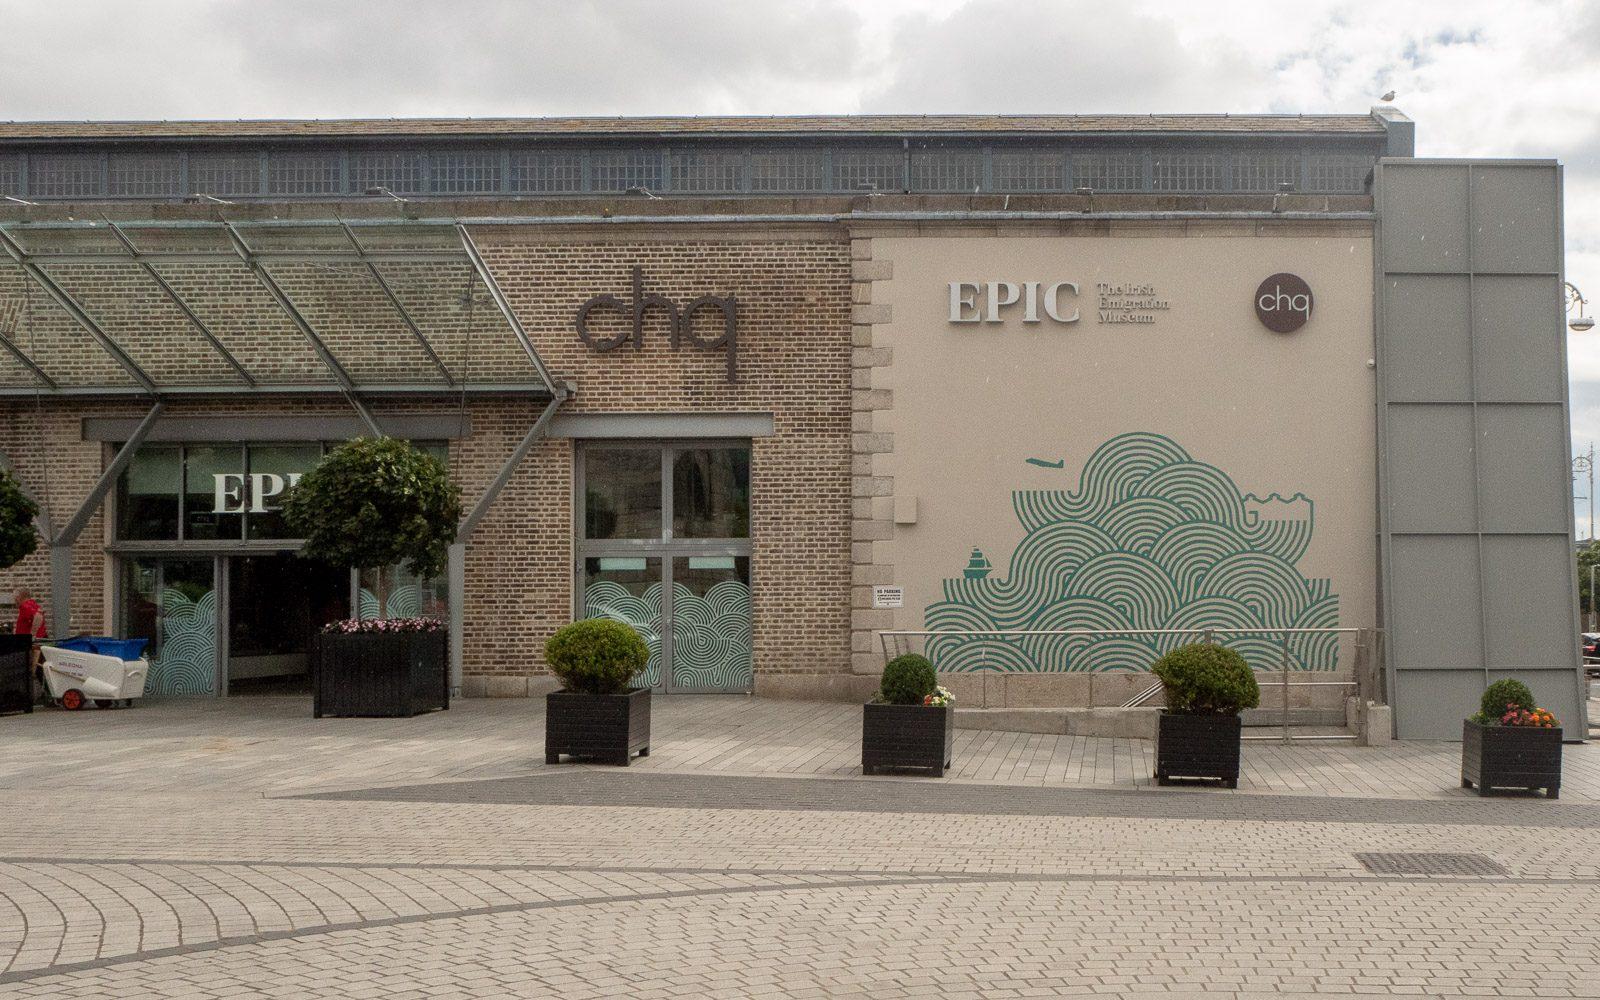 EPIC The Irish Migration Museum